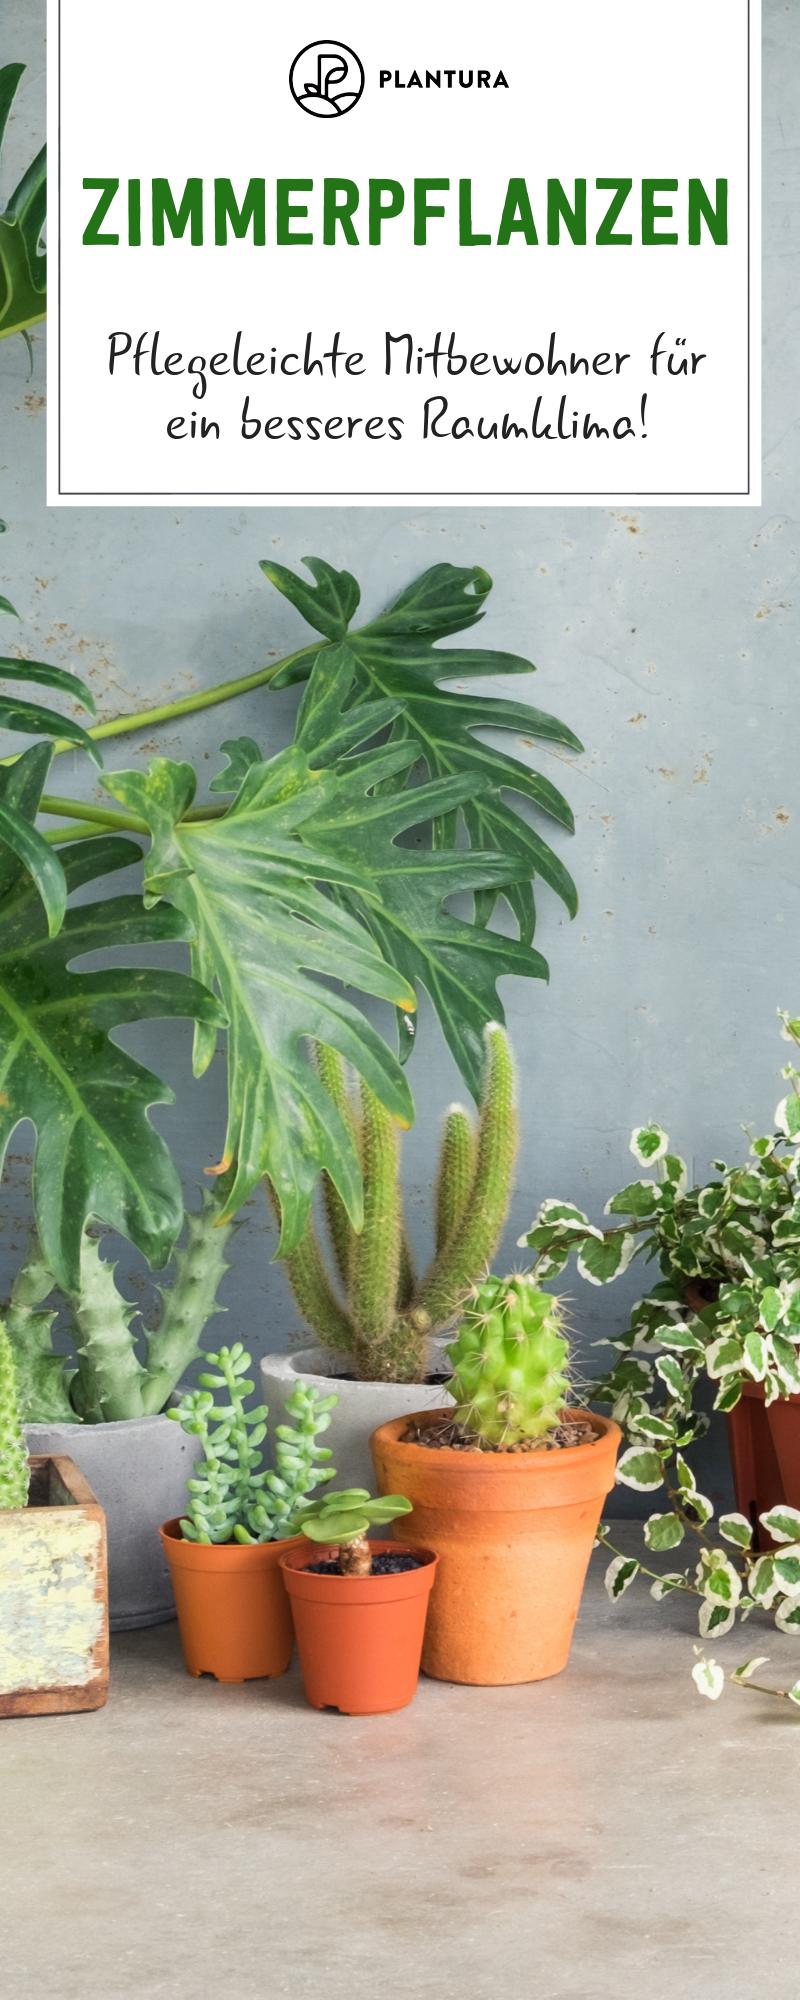 Die 10 Besten Pflanzen Fur Drinnen Plantura Pflanzen Zimmerpflanzen Pflegeleichte Pflanzen